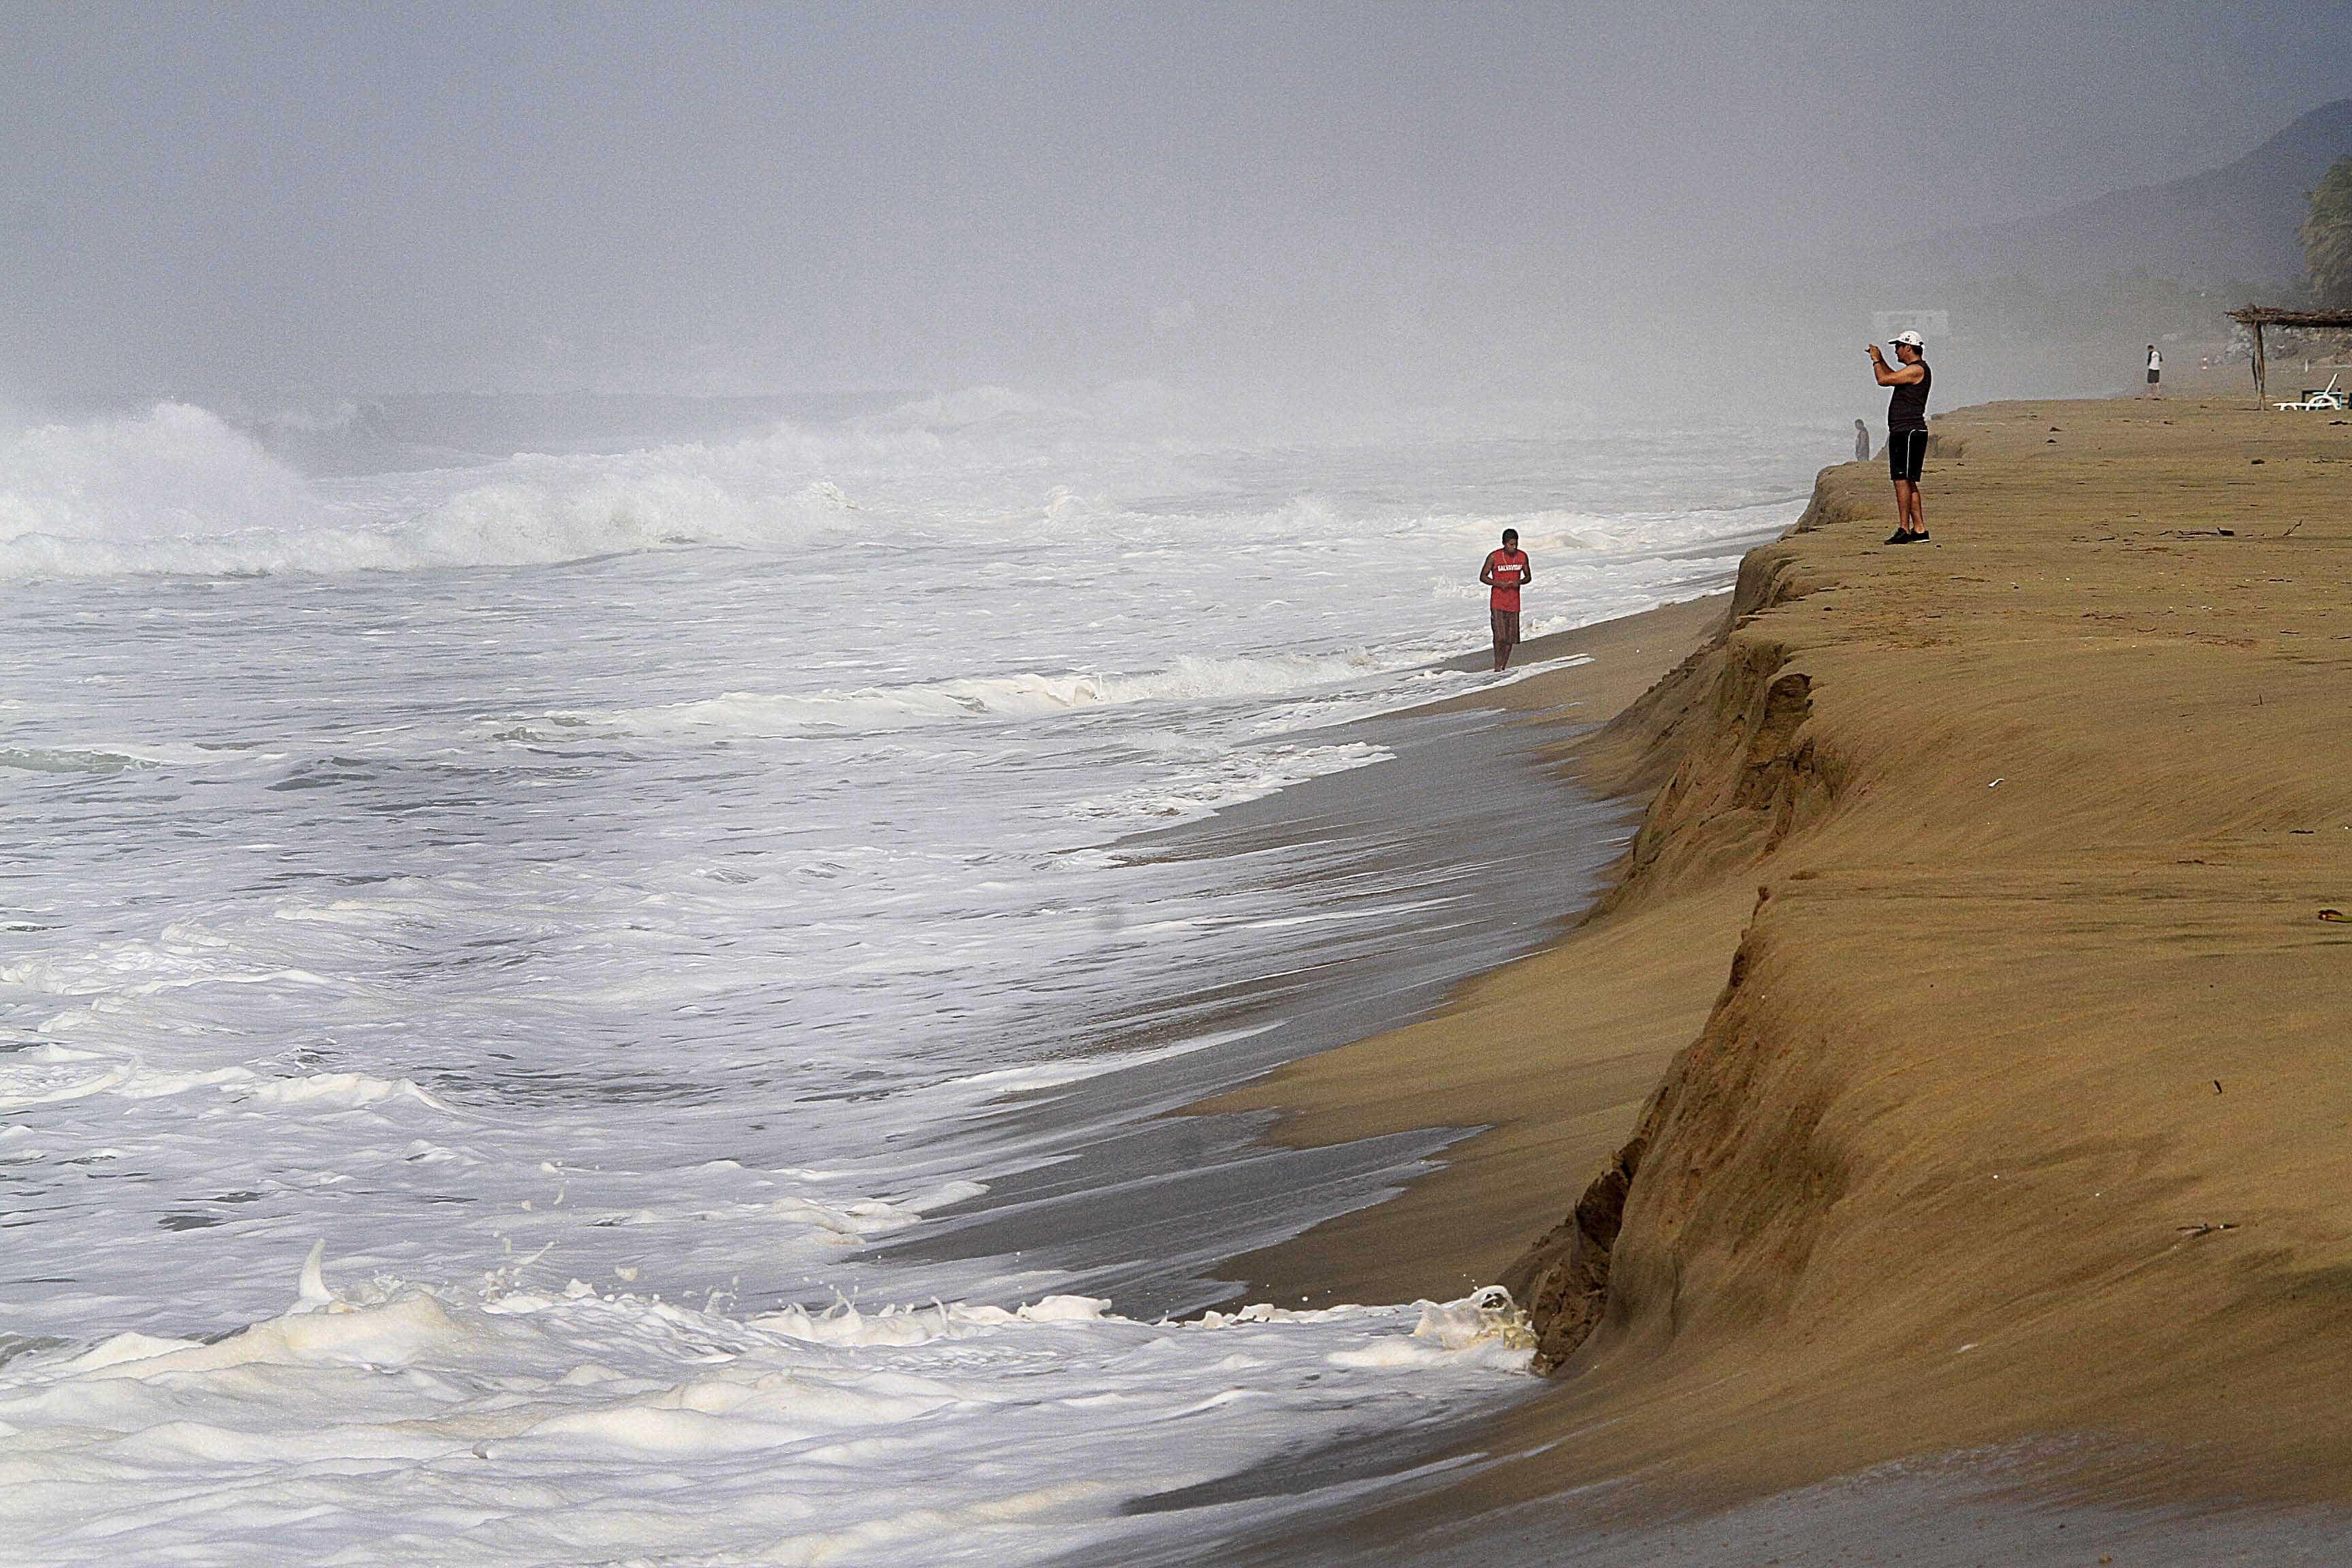 Marés vivas deixam restaurante em risco de ruir em praia de Santa Cruz